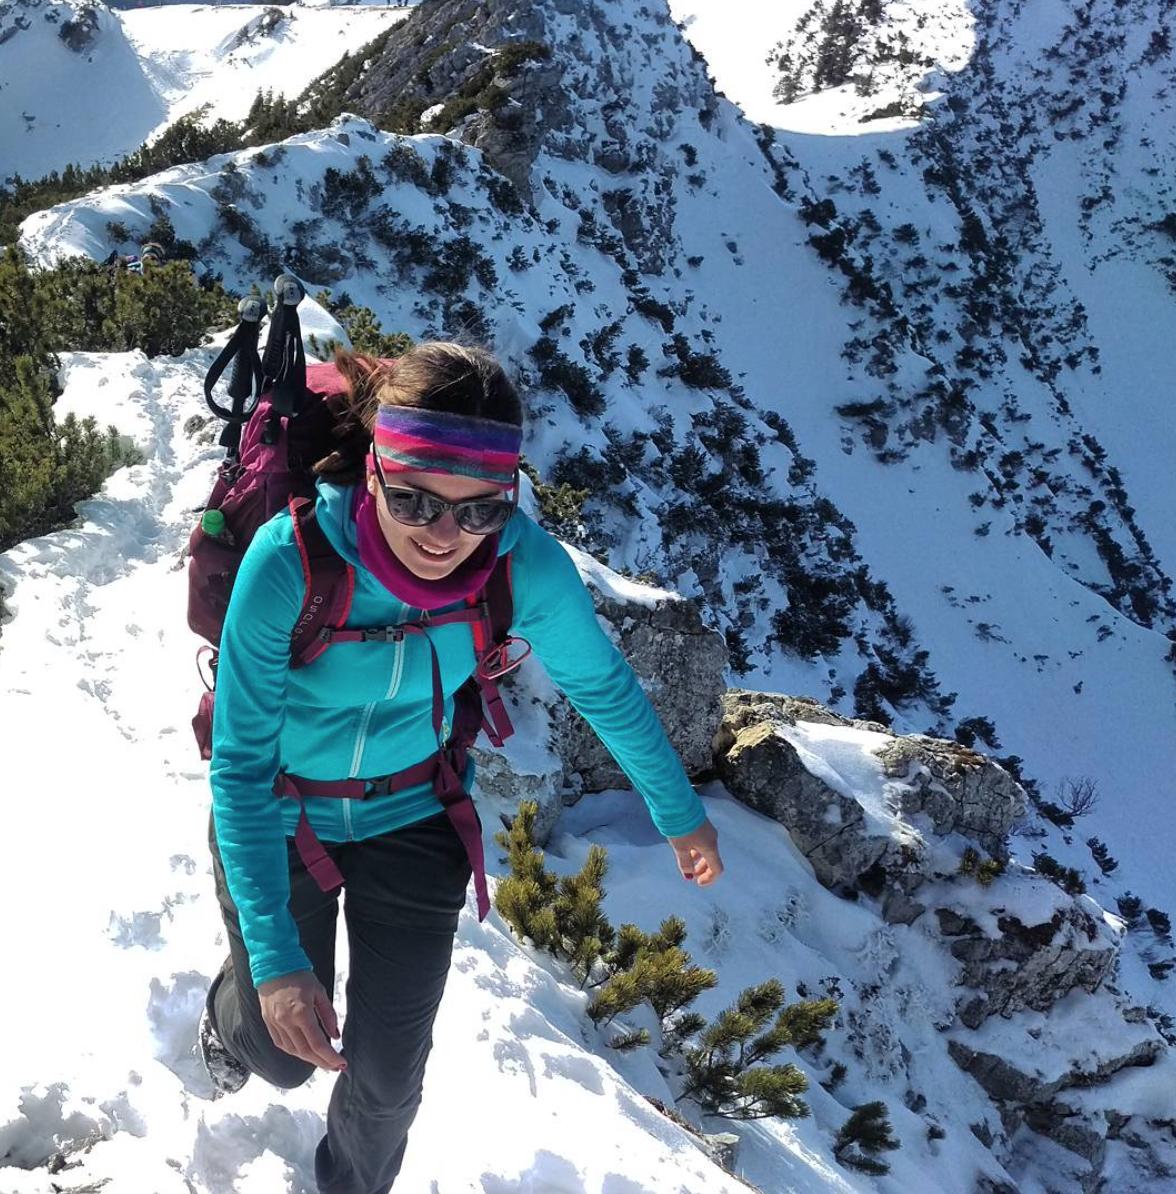 munichmountaingirls-connie-haas-wandern-wandertour-aiplspitz-schnee-winterwandern